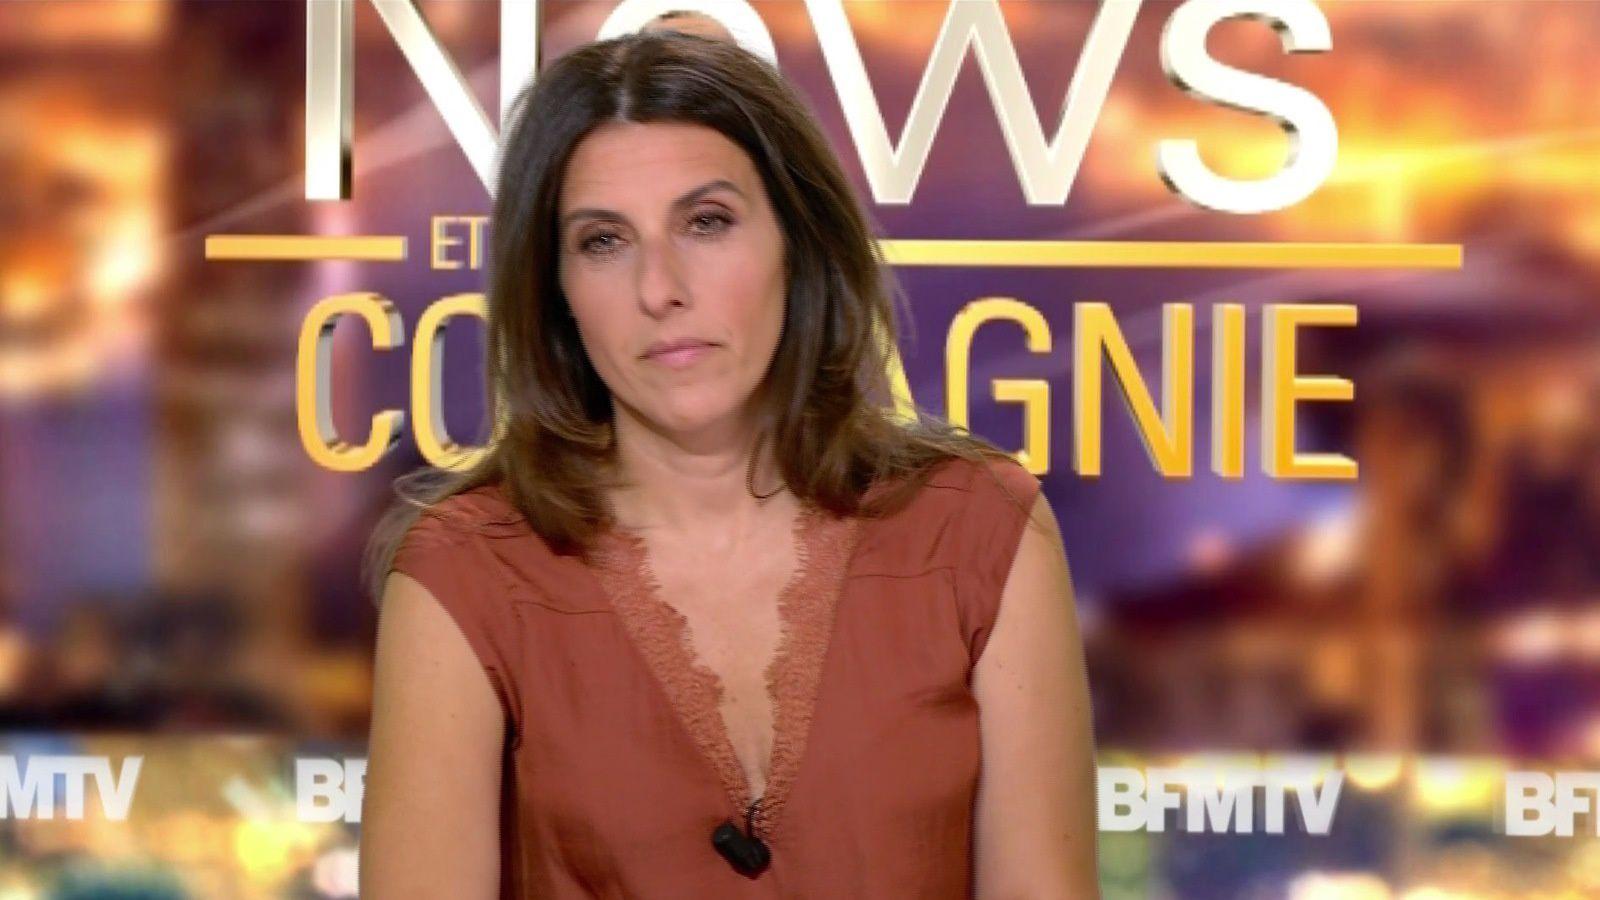 📸8 NATHALIE LEVY @NathalieLevyNC @JohannaCarlosD8 ce soir pour #newsetco @bfmtv #vuesalatele